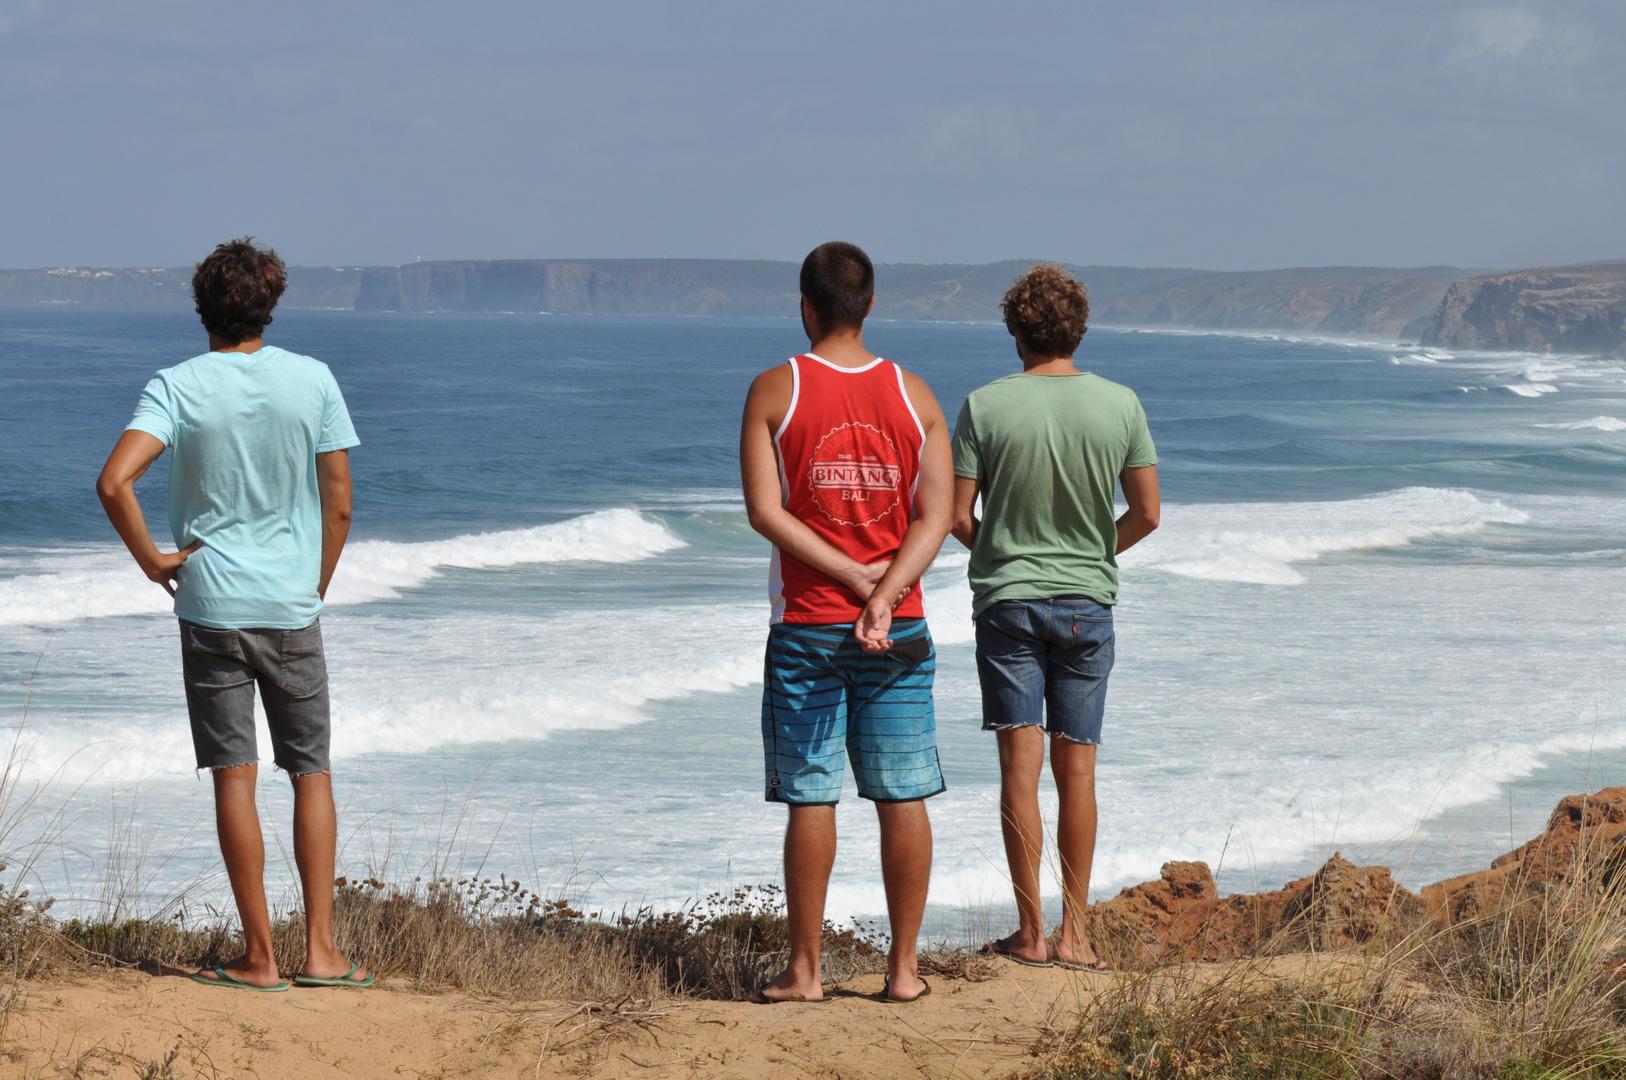 Kits-Surfer-Gedanken.....